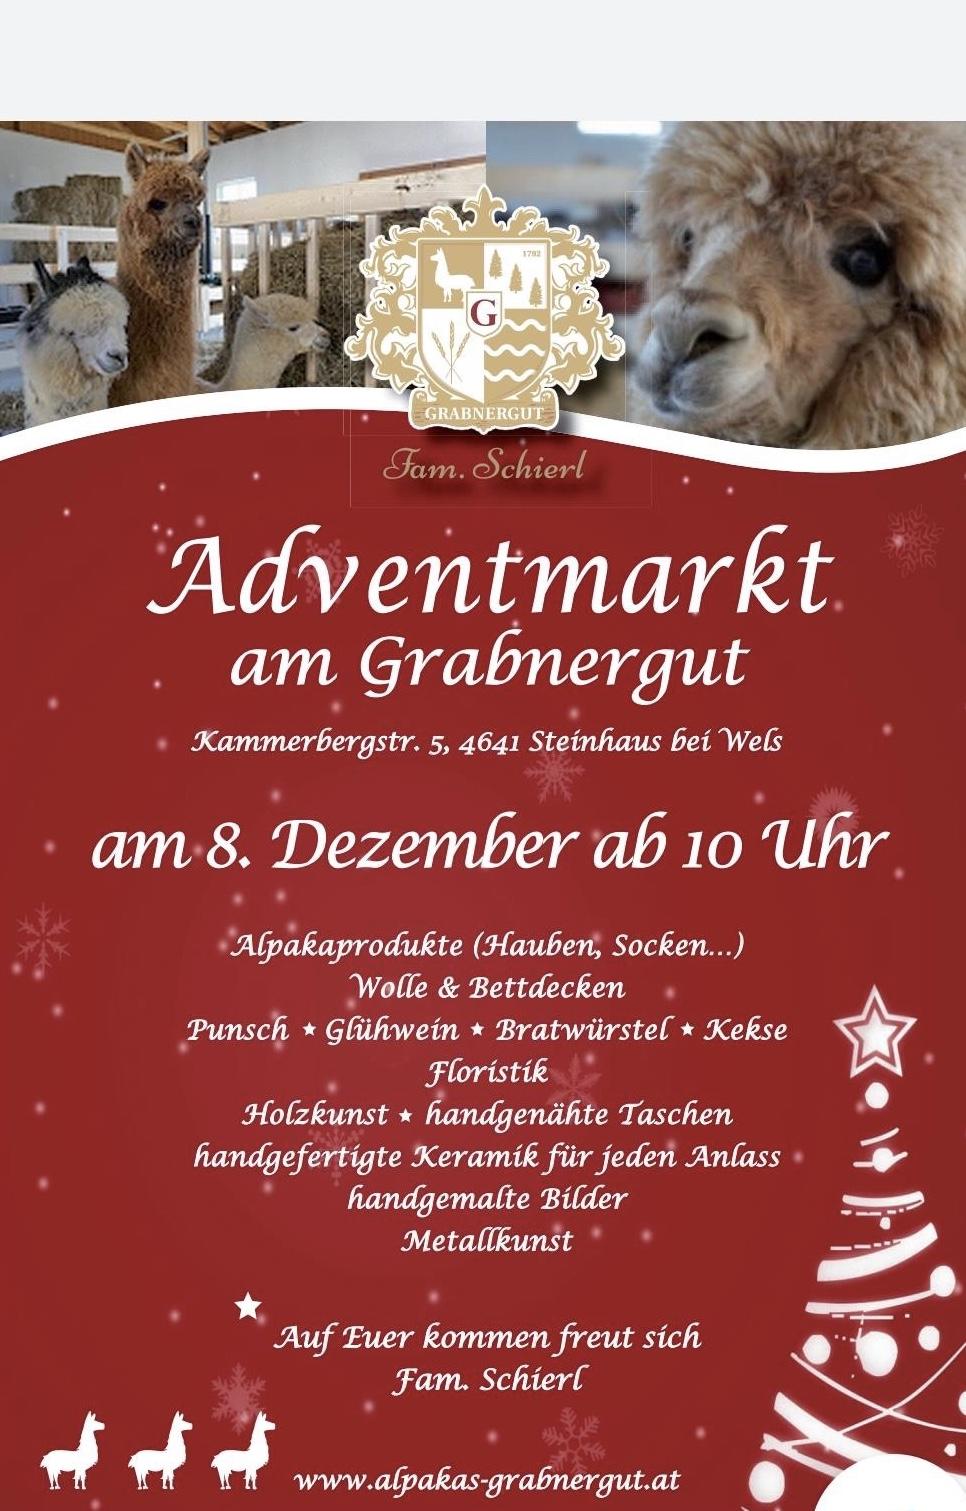 Adventmarkt am Grabnergut Steinhaus